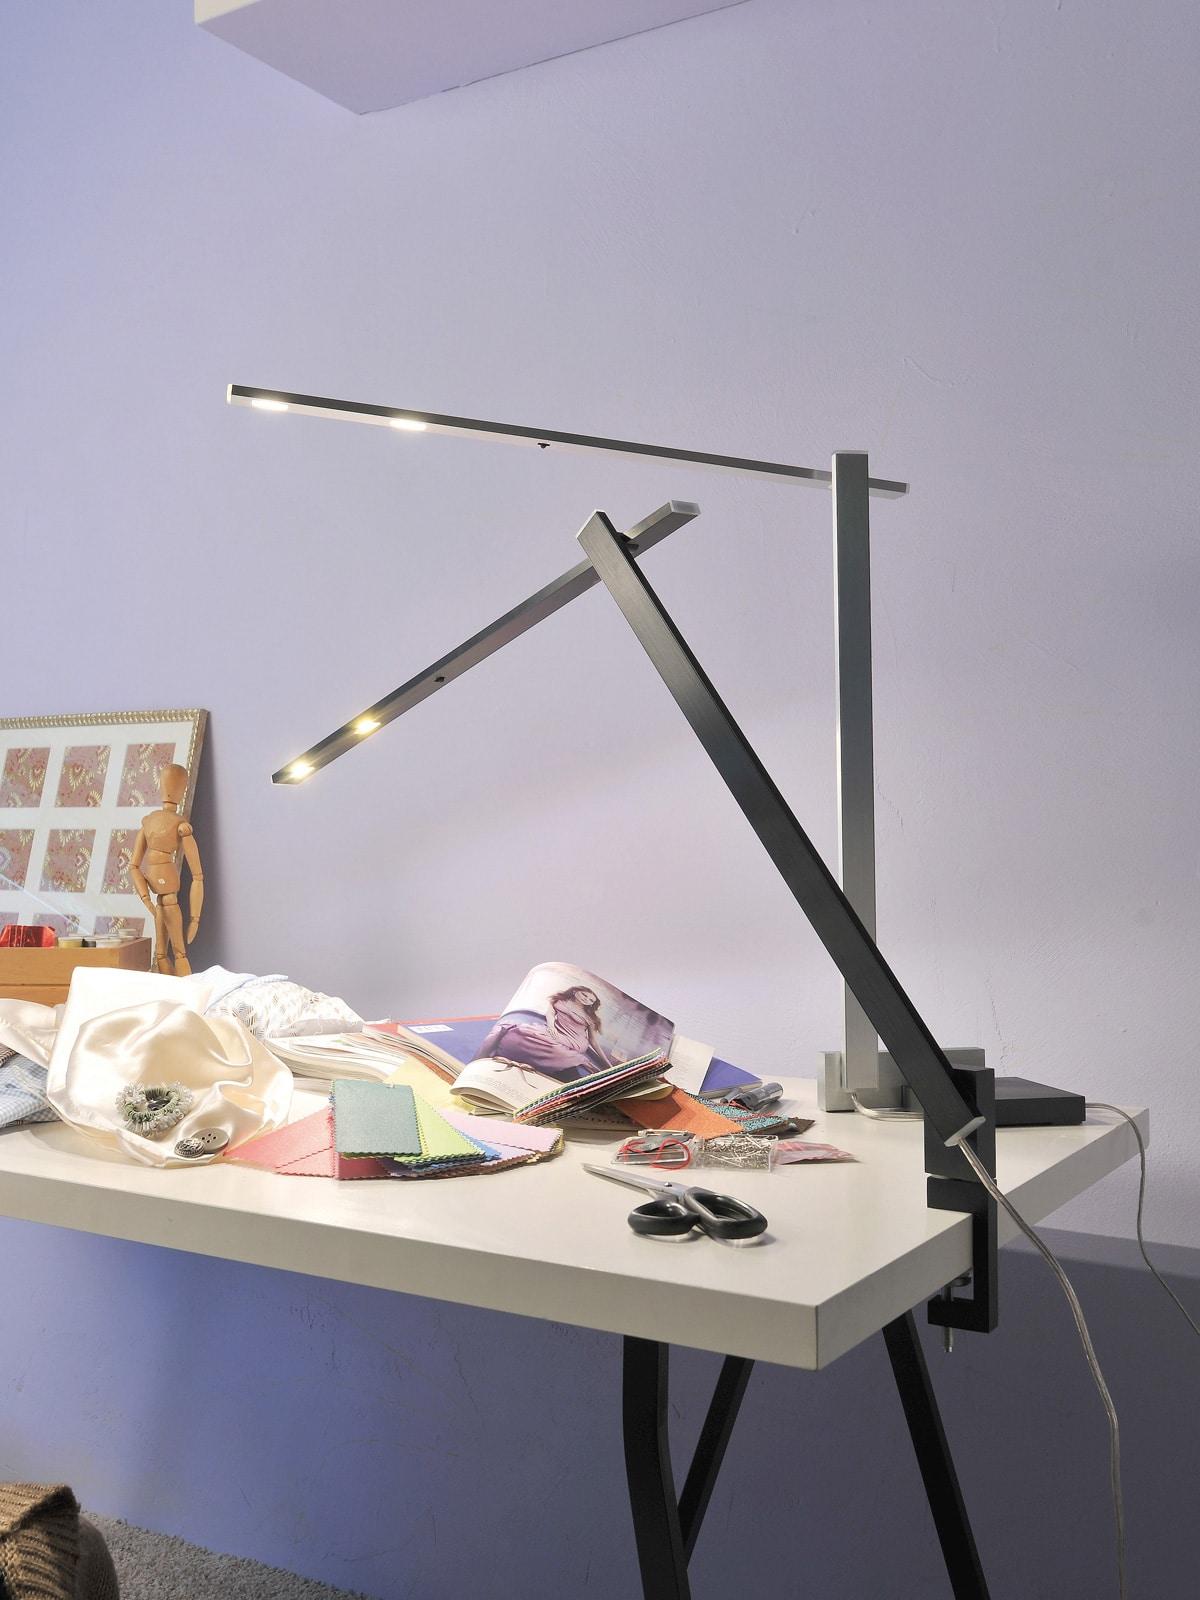 DesignOrt Blog: Leseleuchten Nastrino BYOK LED